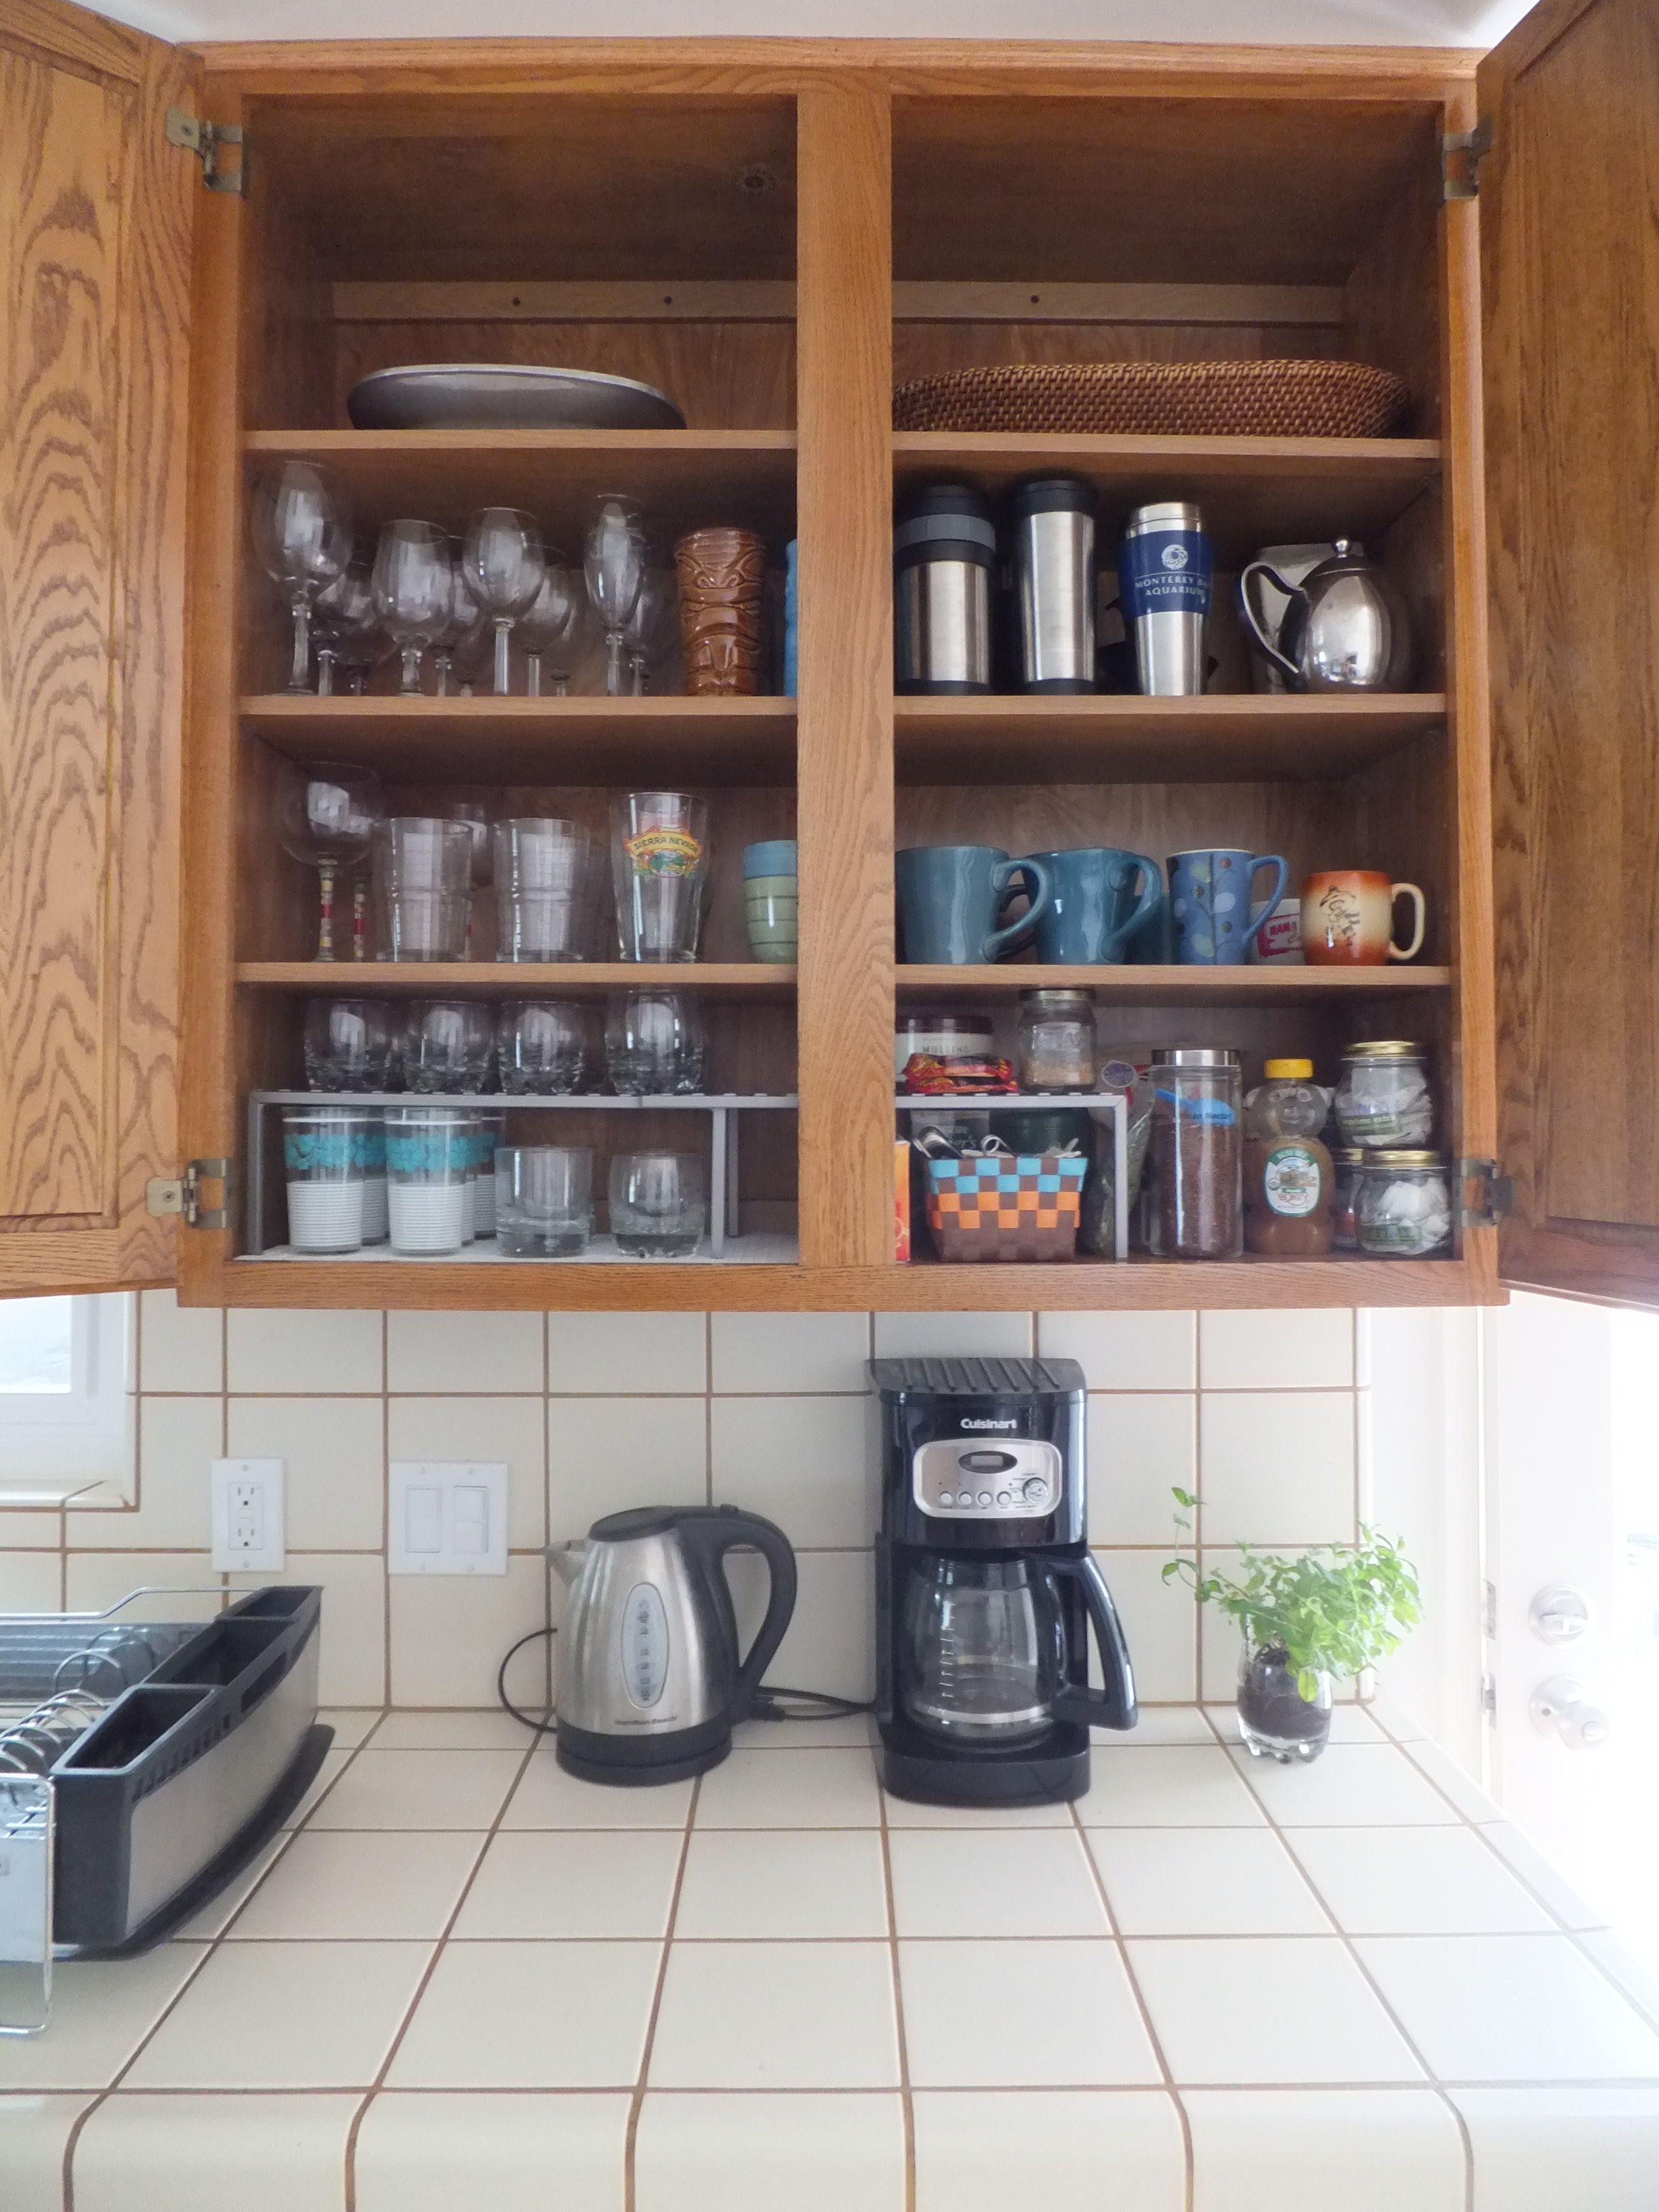 kitchen interior organizers photo kleine küchenschränke küchenschrank organisation on organizing kitchen cabinets zones id=96419